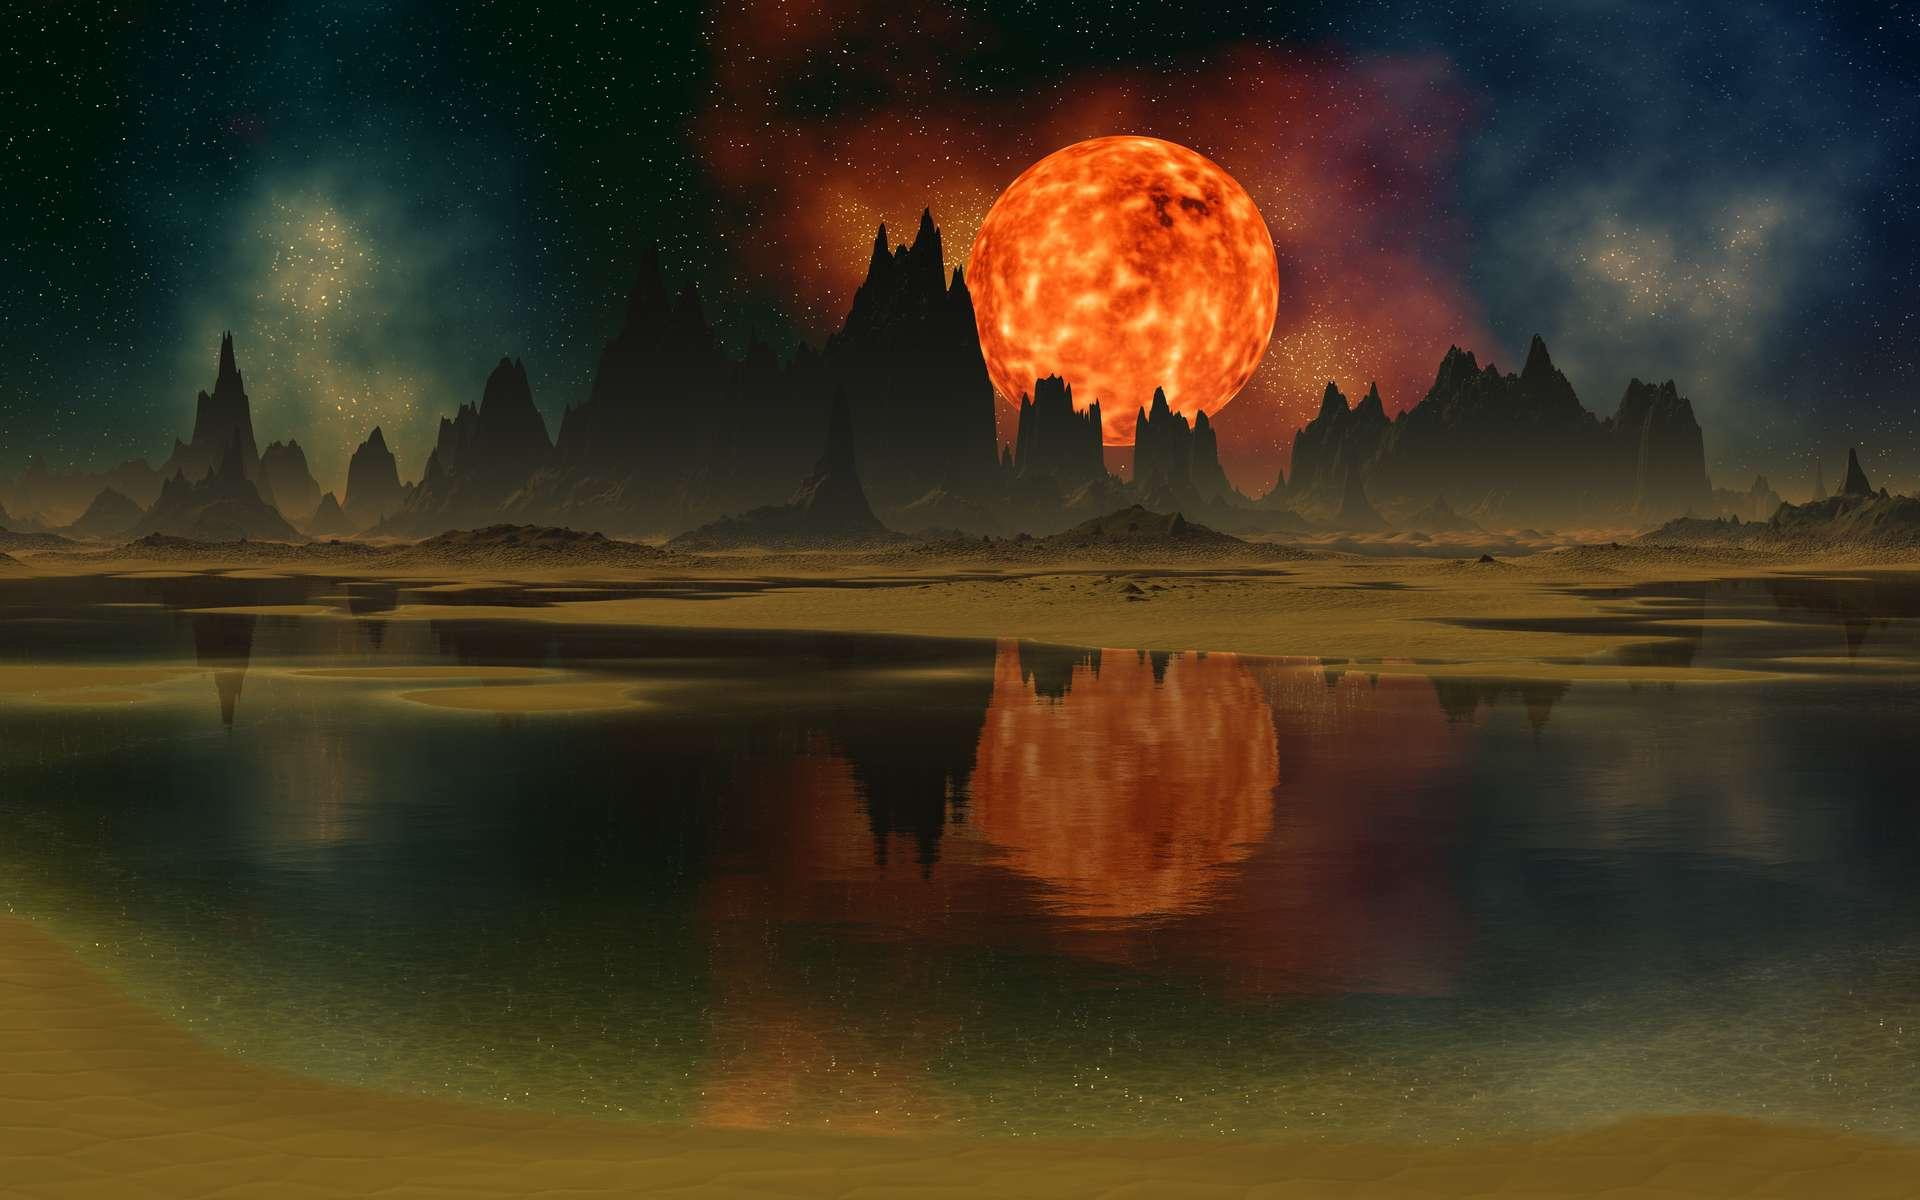 Un soleil mourant, un atmosphère irrespirable, un sol dévasté par la pollution. La Terre du futur est un désert stérile dont la destruction est imminente. © diversepixel, Adobe Stock